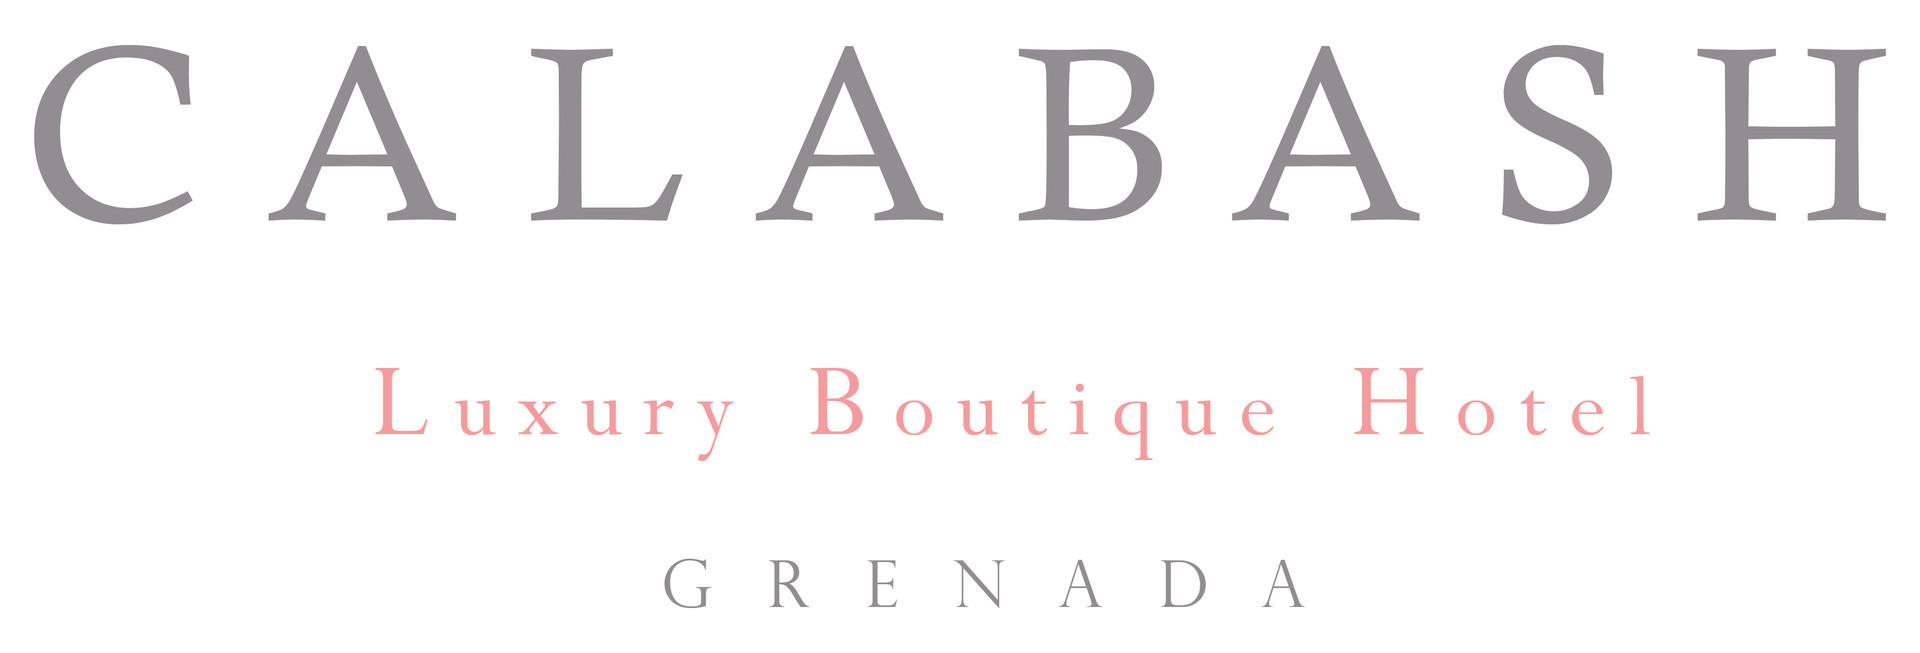 Shoreline Hospitality_Calabash Boutique Hotel.jpg